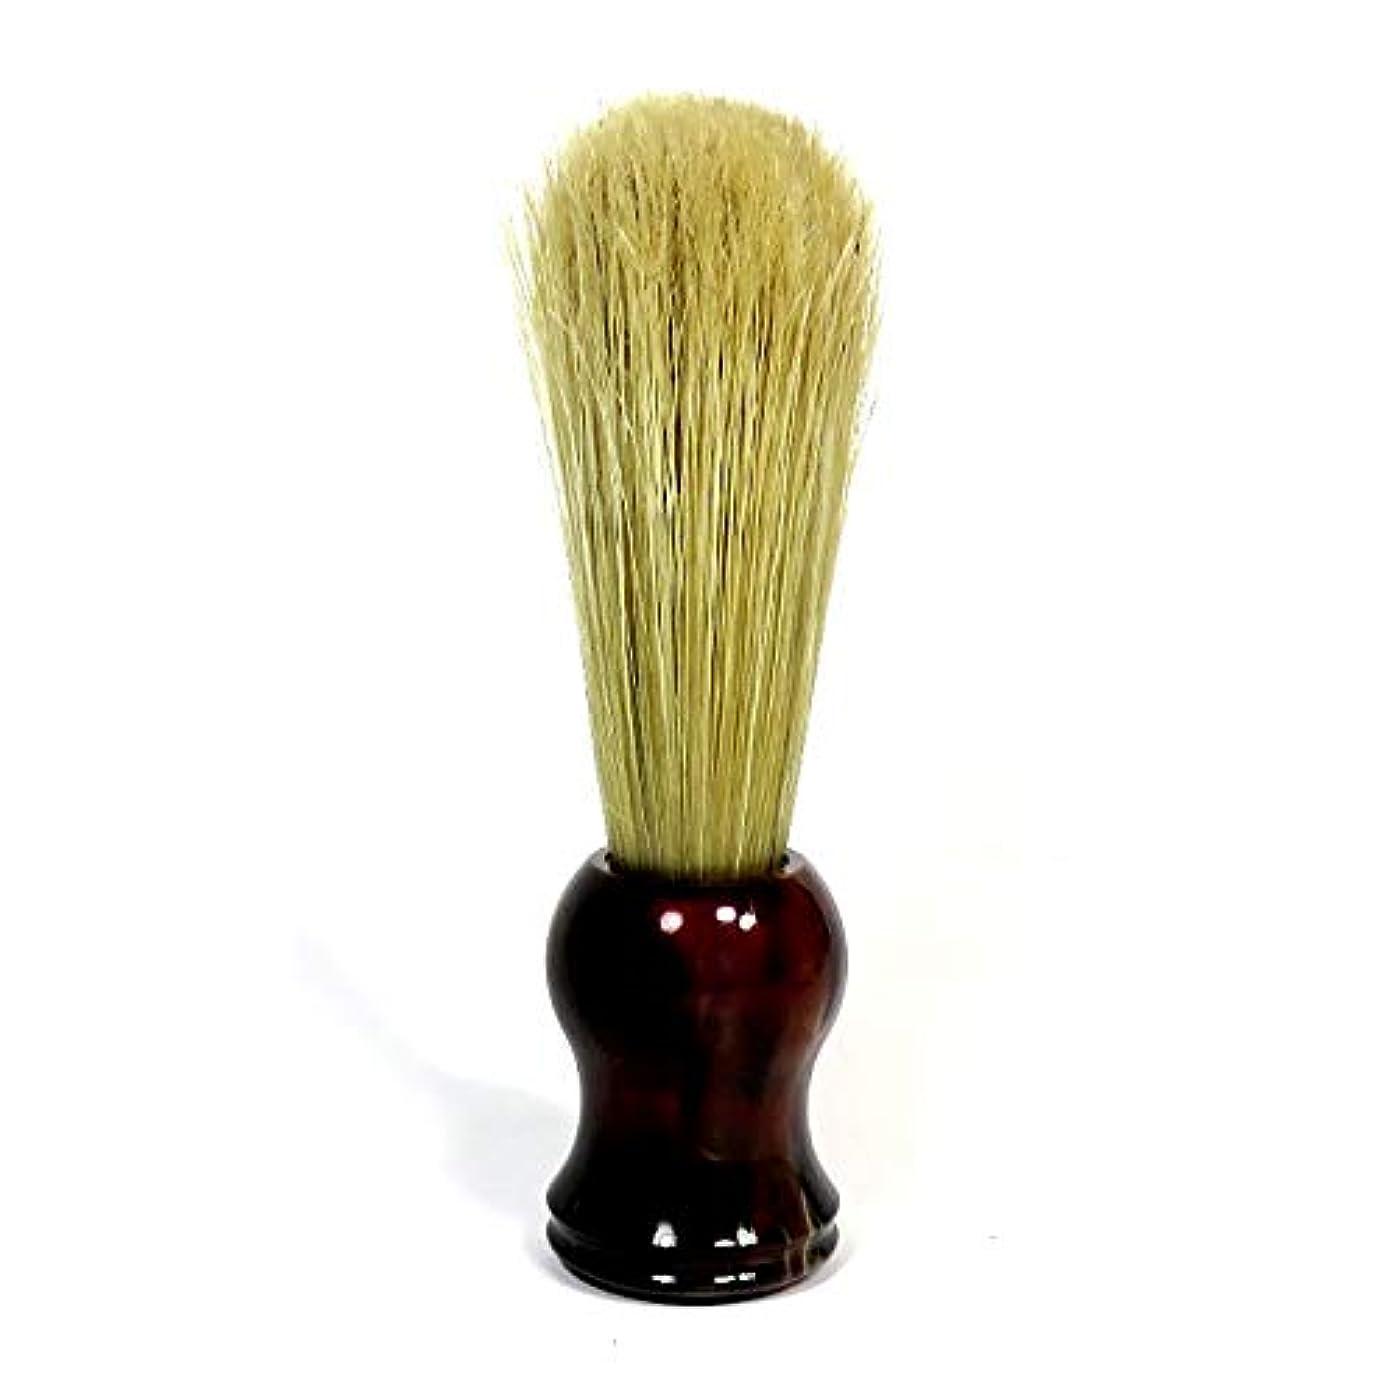 ちっちゃい詩関係する理容シェービングブラシ ヒゲブラシ 長型(H14cm) 自然毛 ブラウンハンドル ディトマー(独)